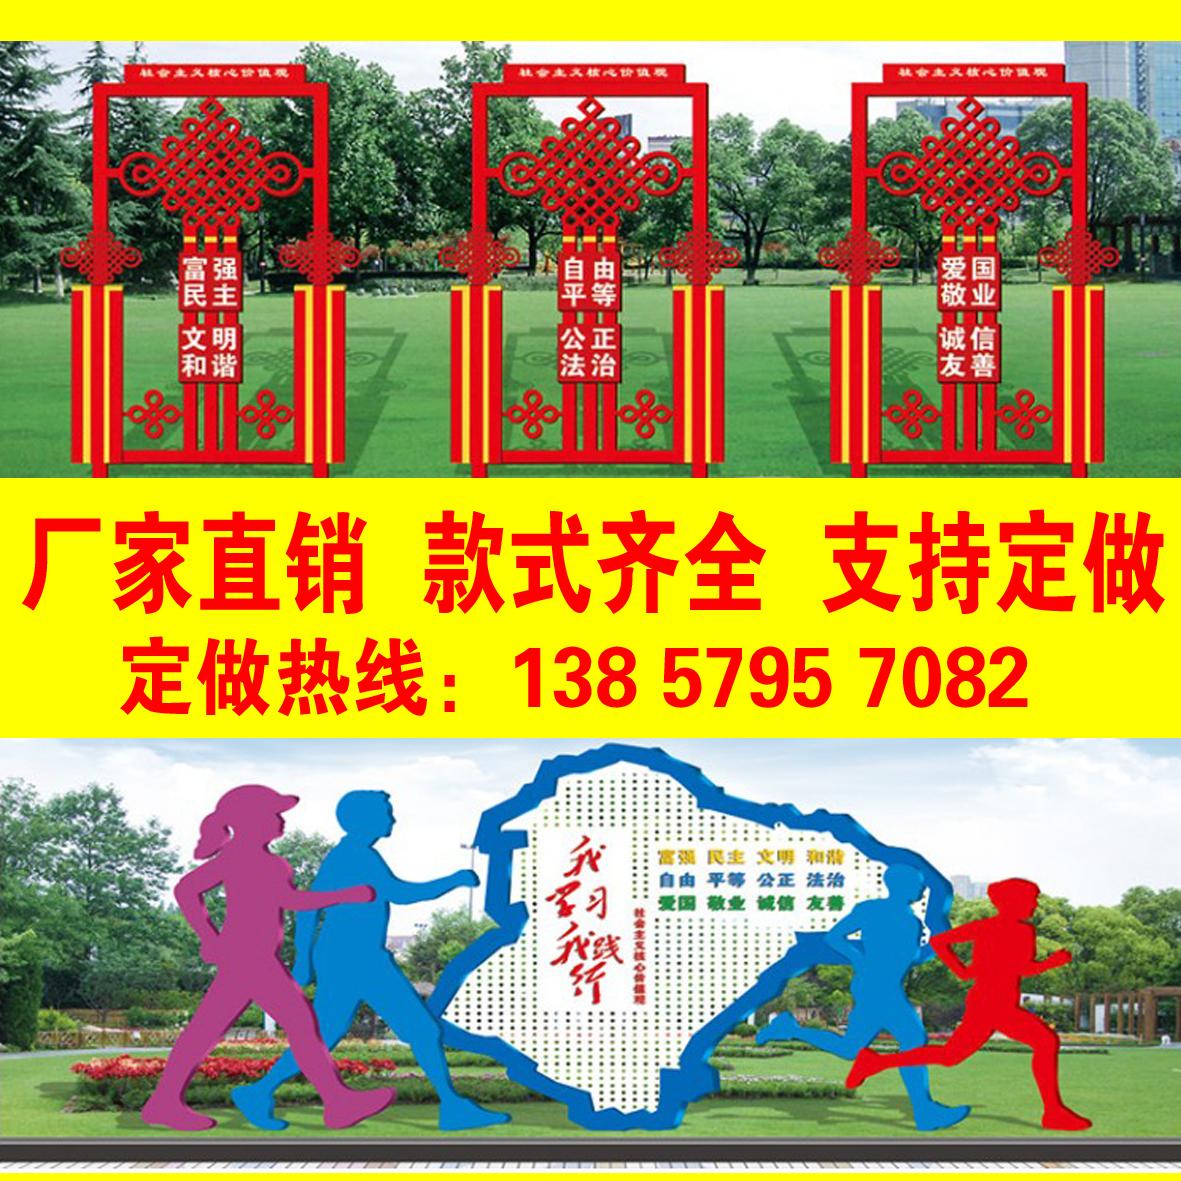 党建党旗户外宣传栏社会主义核心价值观牌广告牌景观牌雕塑造型牌